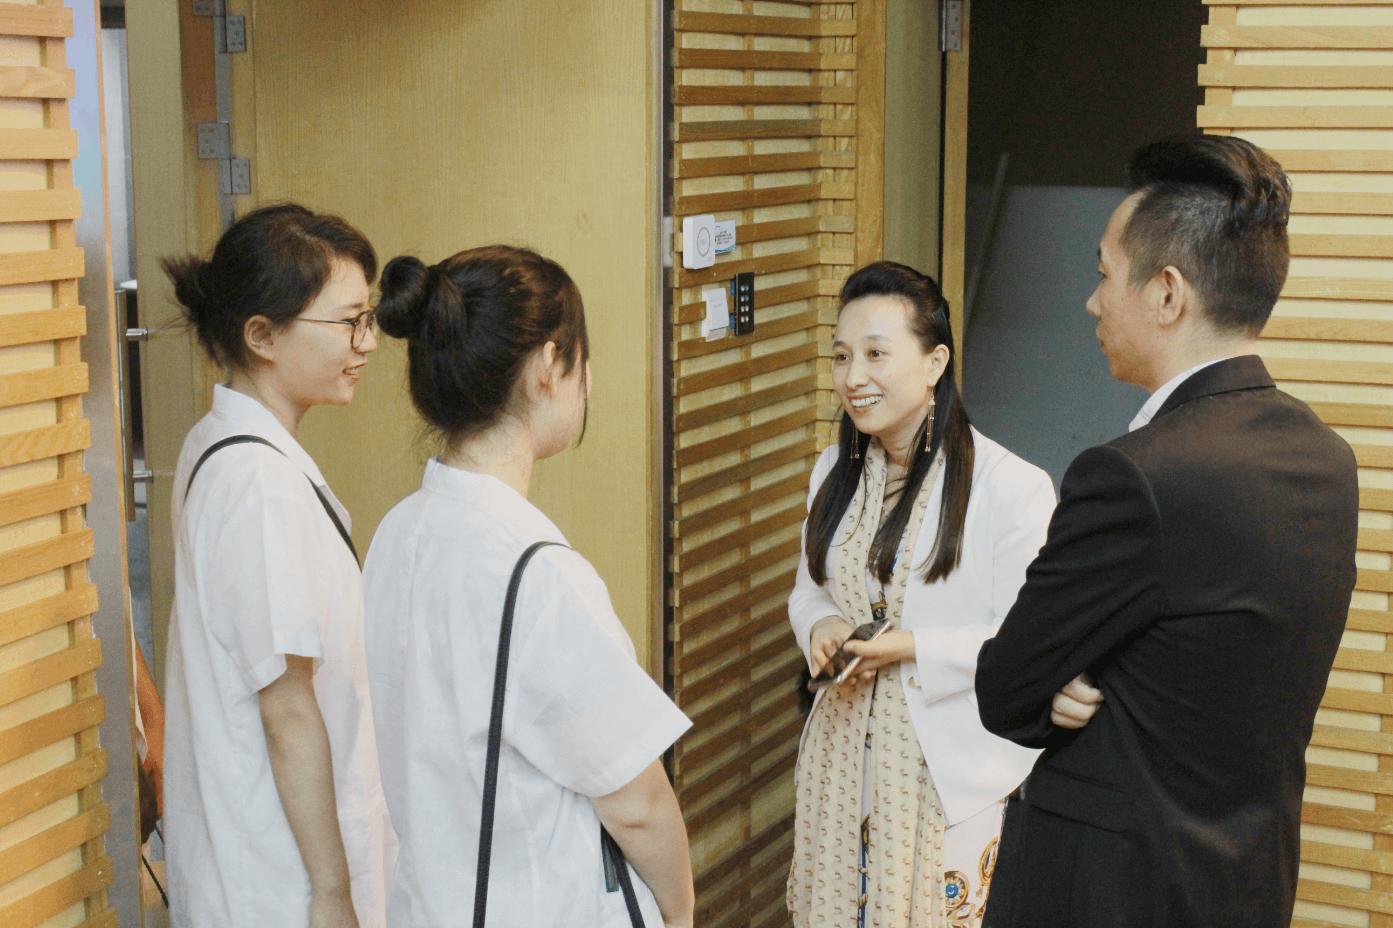 活动结束后评委与青年学生交流